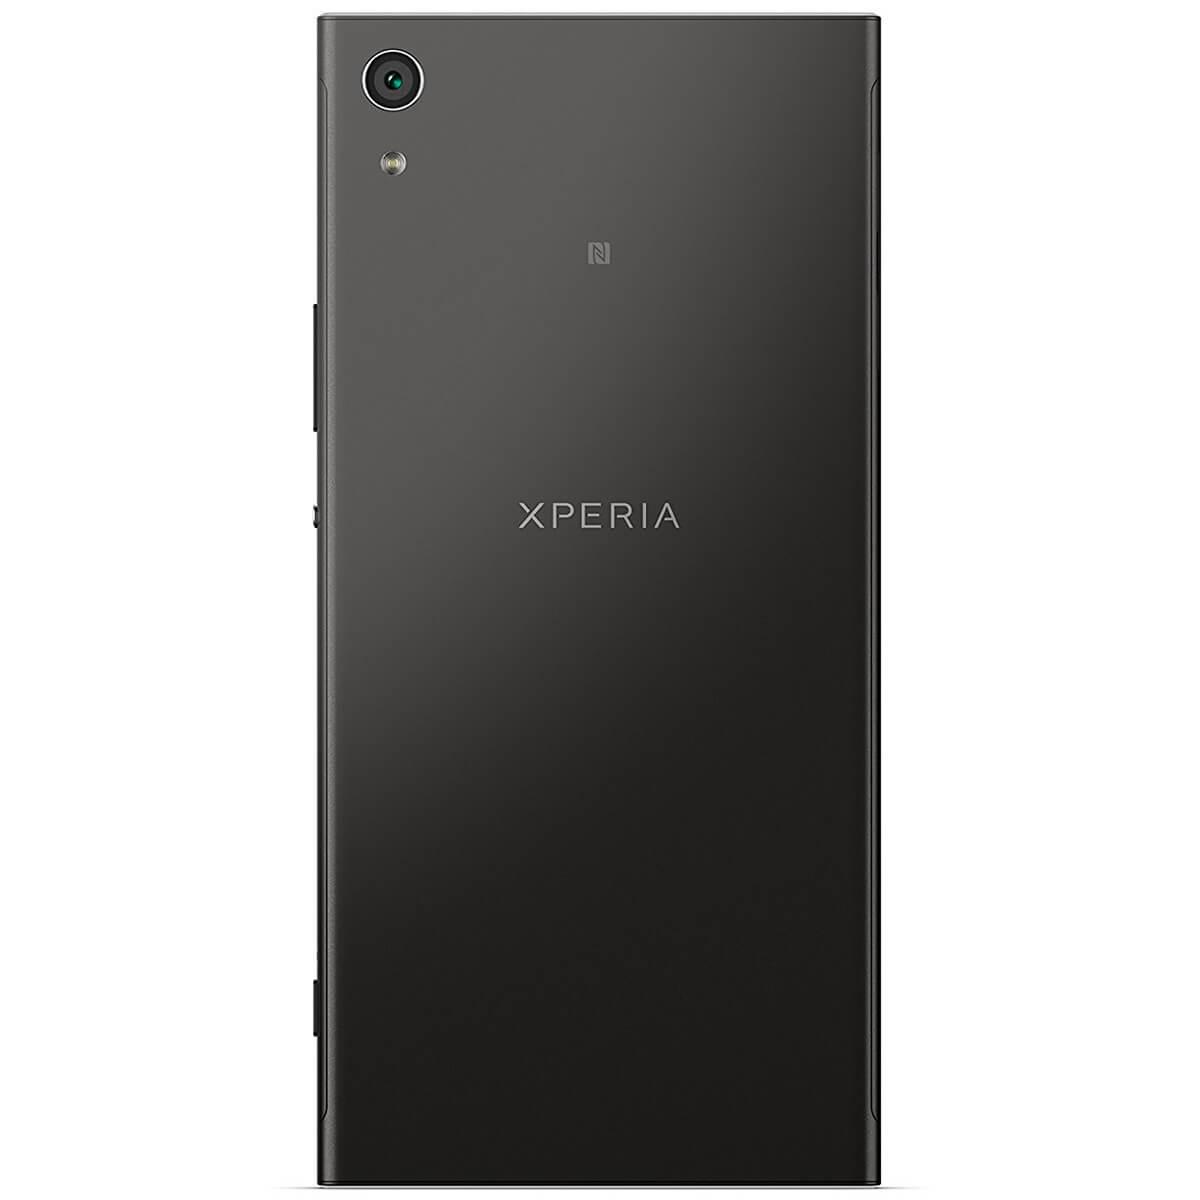 Sony Xperia XA1 Ultra : Caracteristicas y especificaciones